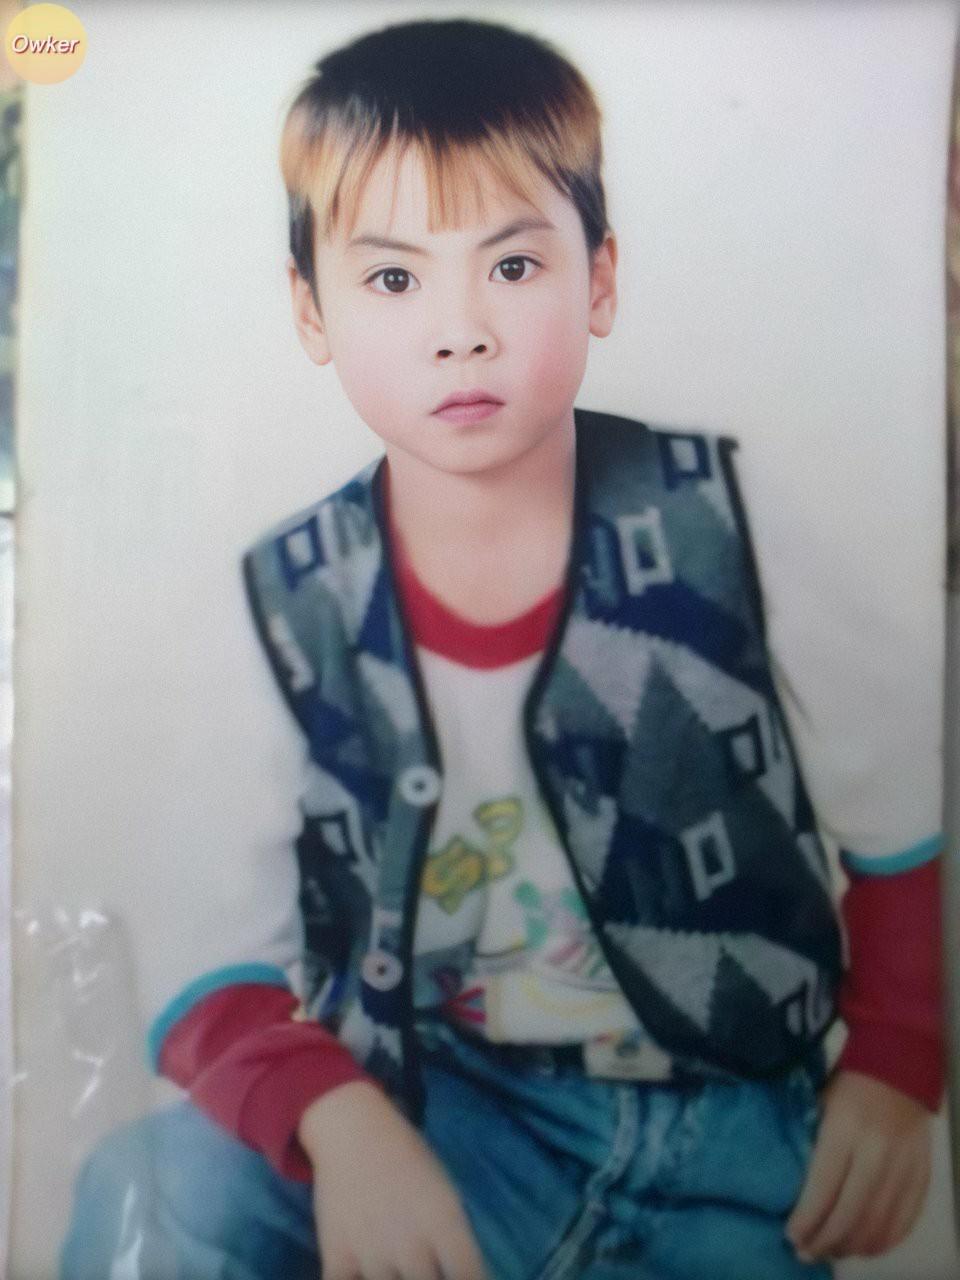 Cười đổ ghế với loạt ảnh thơ ấu mới hé lộ của dàn cầu thủ Việt: Đức Huy chất từ bé, bất ngờ nhất là Lâm Tây-2